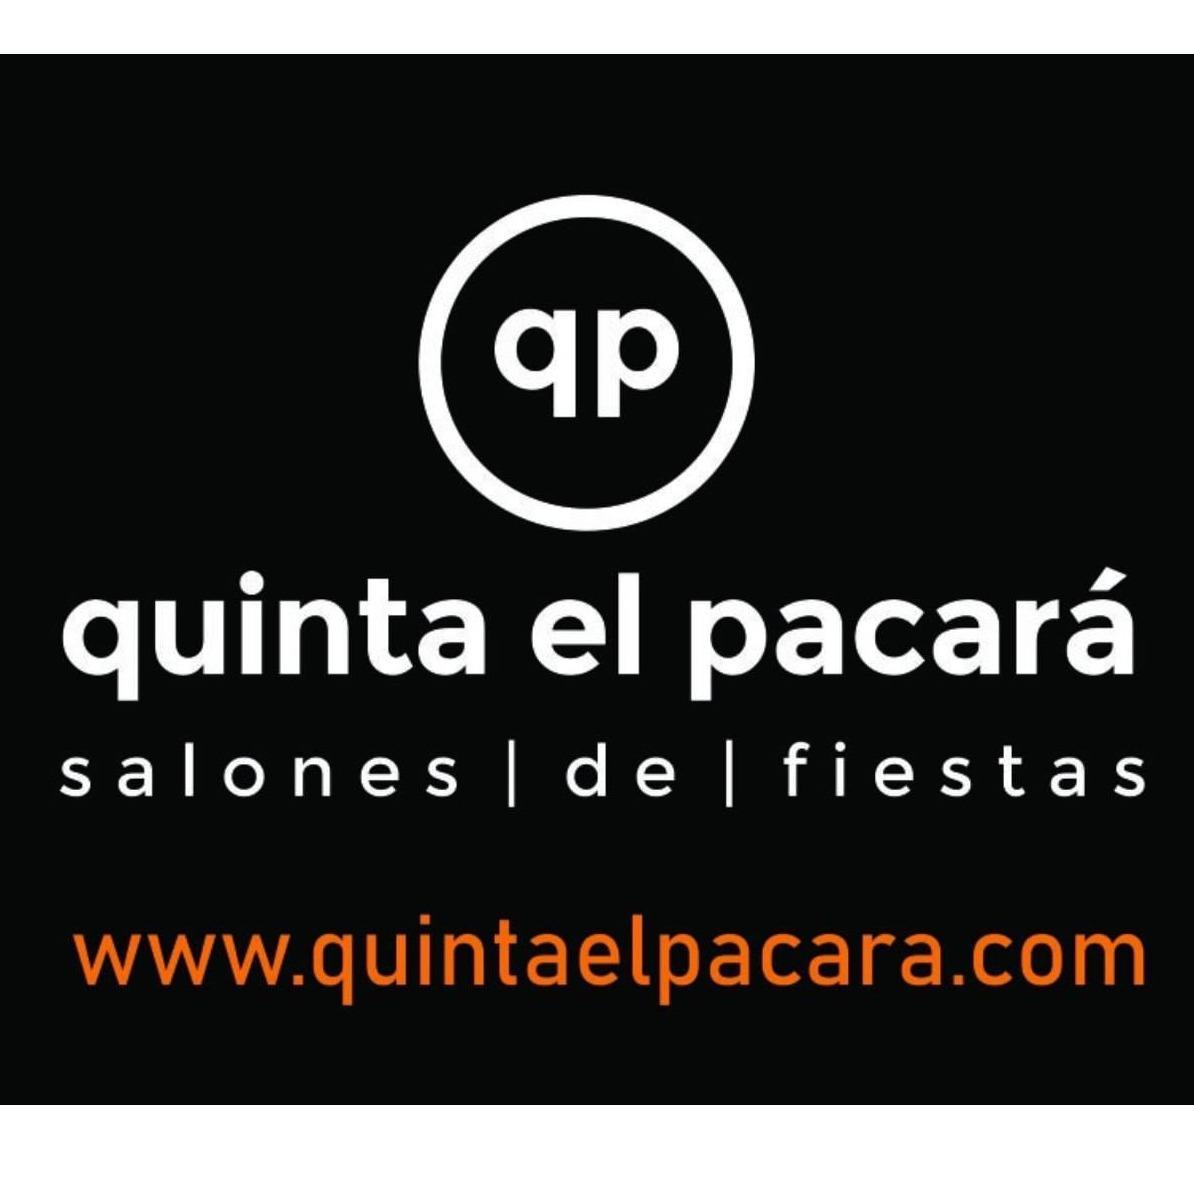 QUINTA EL PACARA SRL